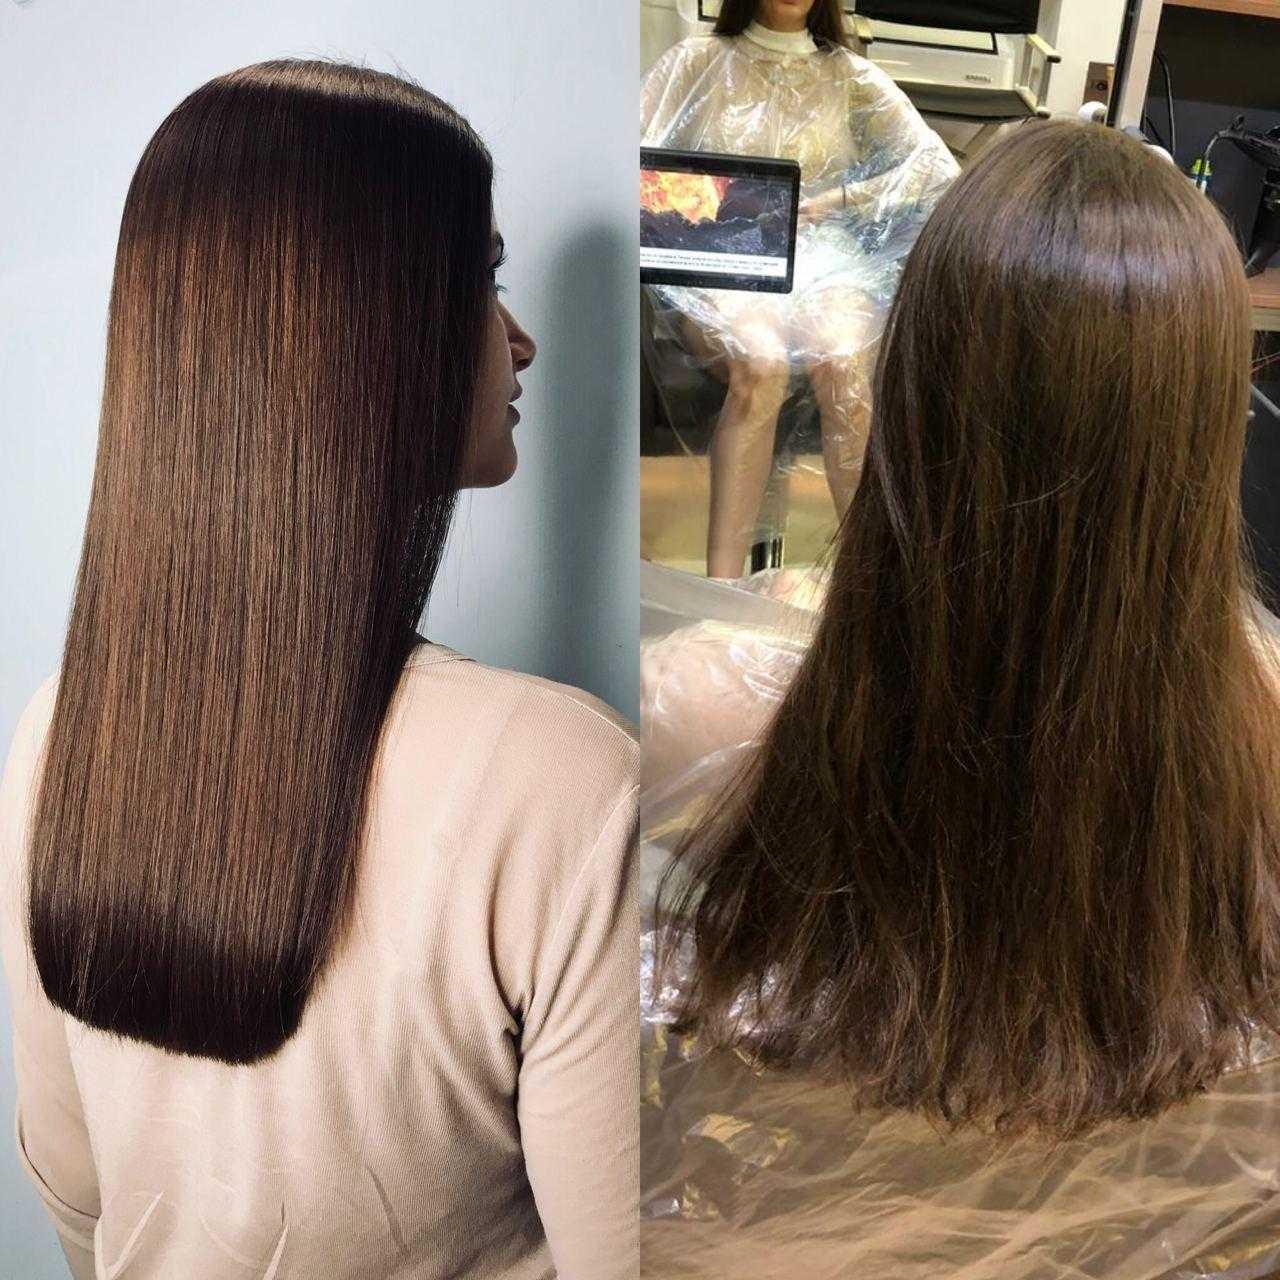 Как правильно выпрямлять волосы – народные средства и профессиональные процедуры